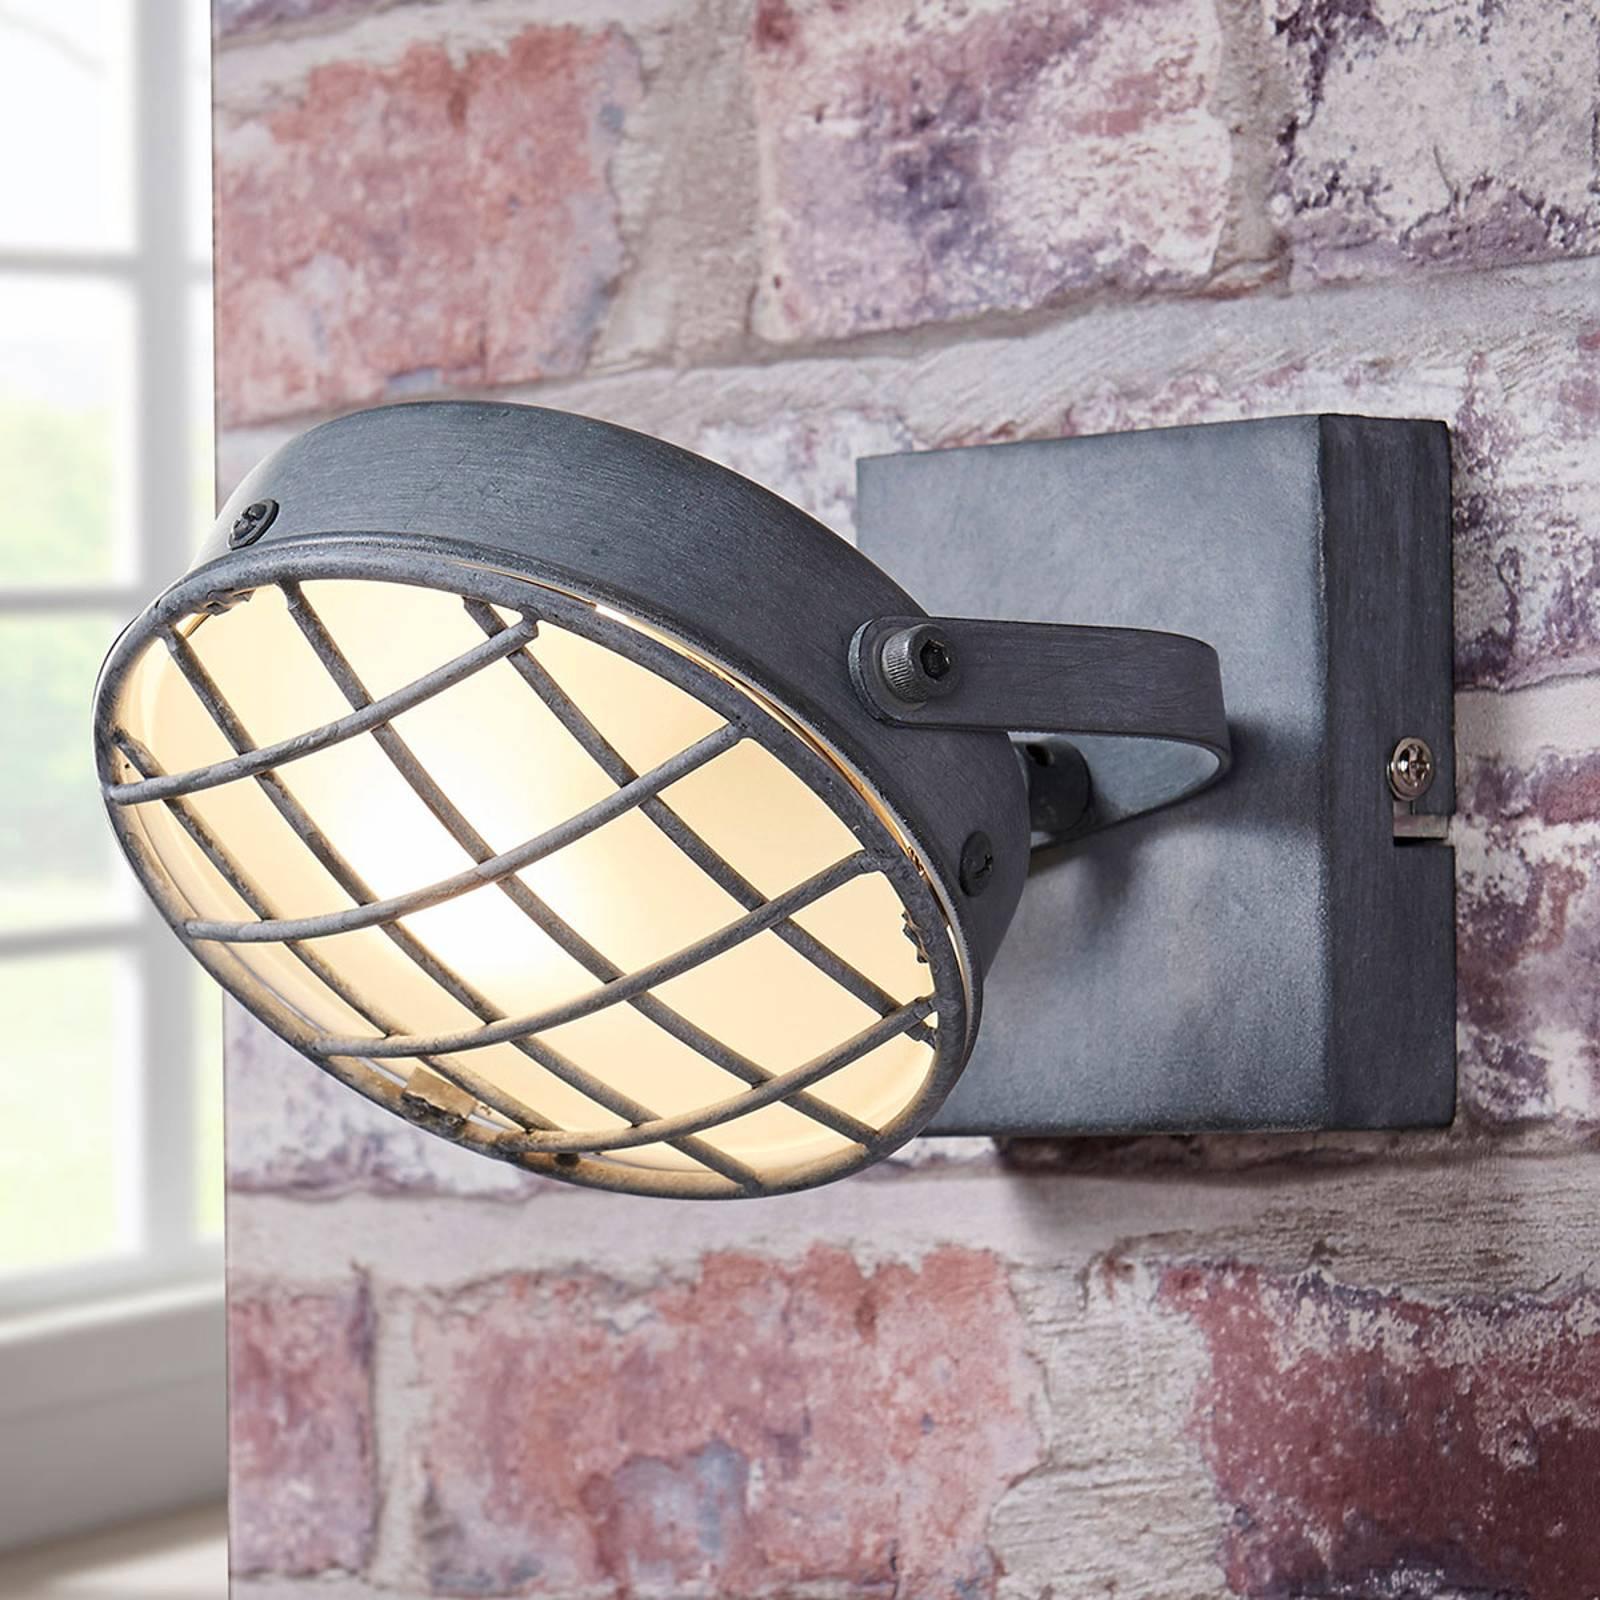 Rookgrijze LED spot Tamin, industriële stijl